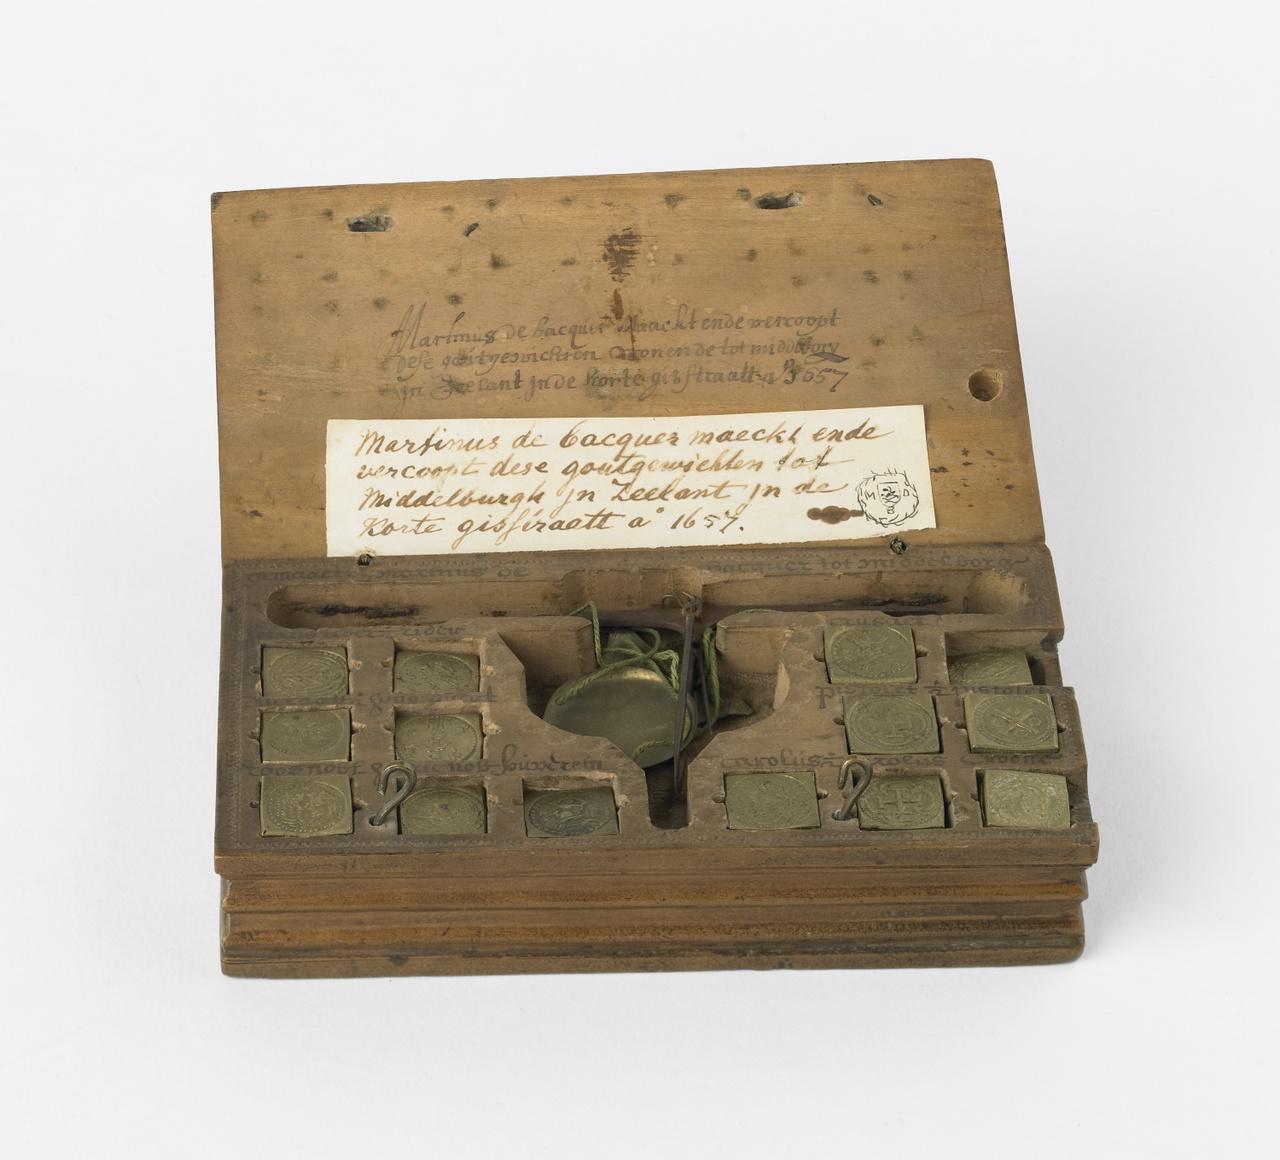 Muntgewichtdoosje gemaakt in  Middelburg, Martinus de Bacquer